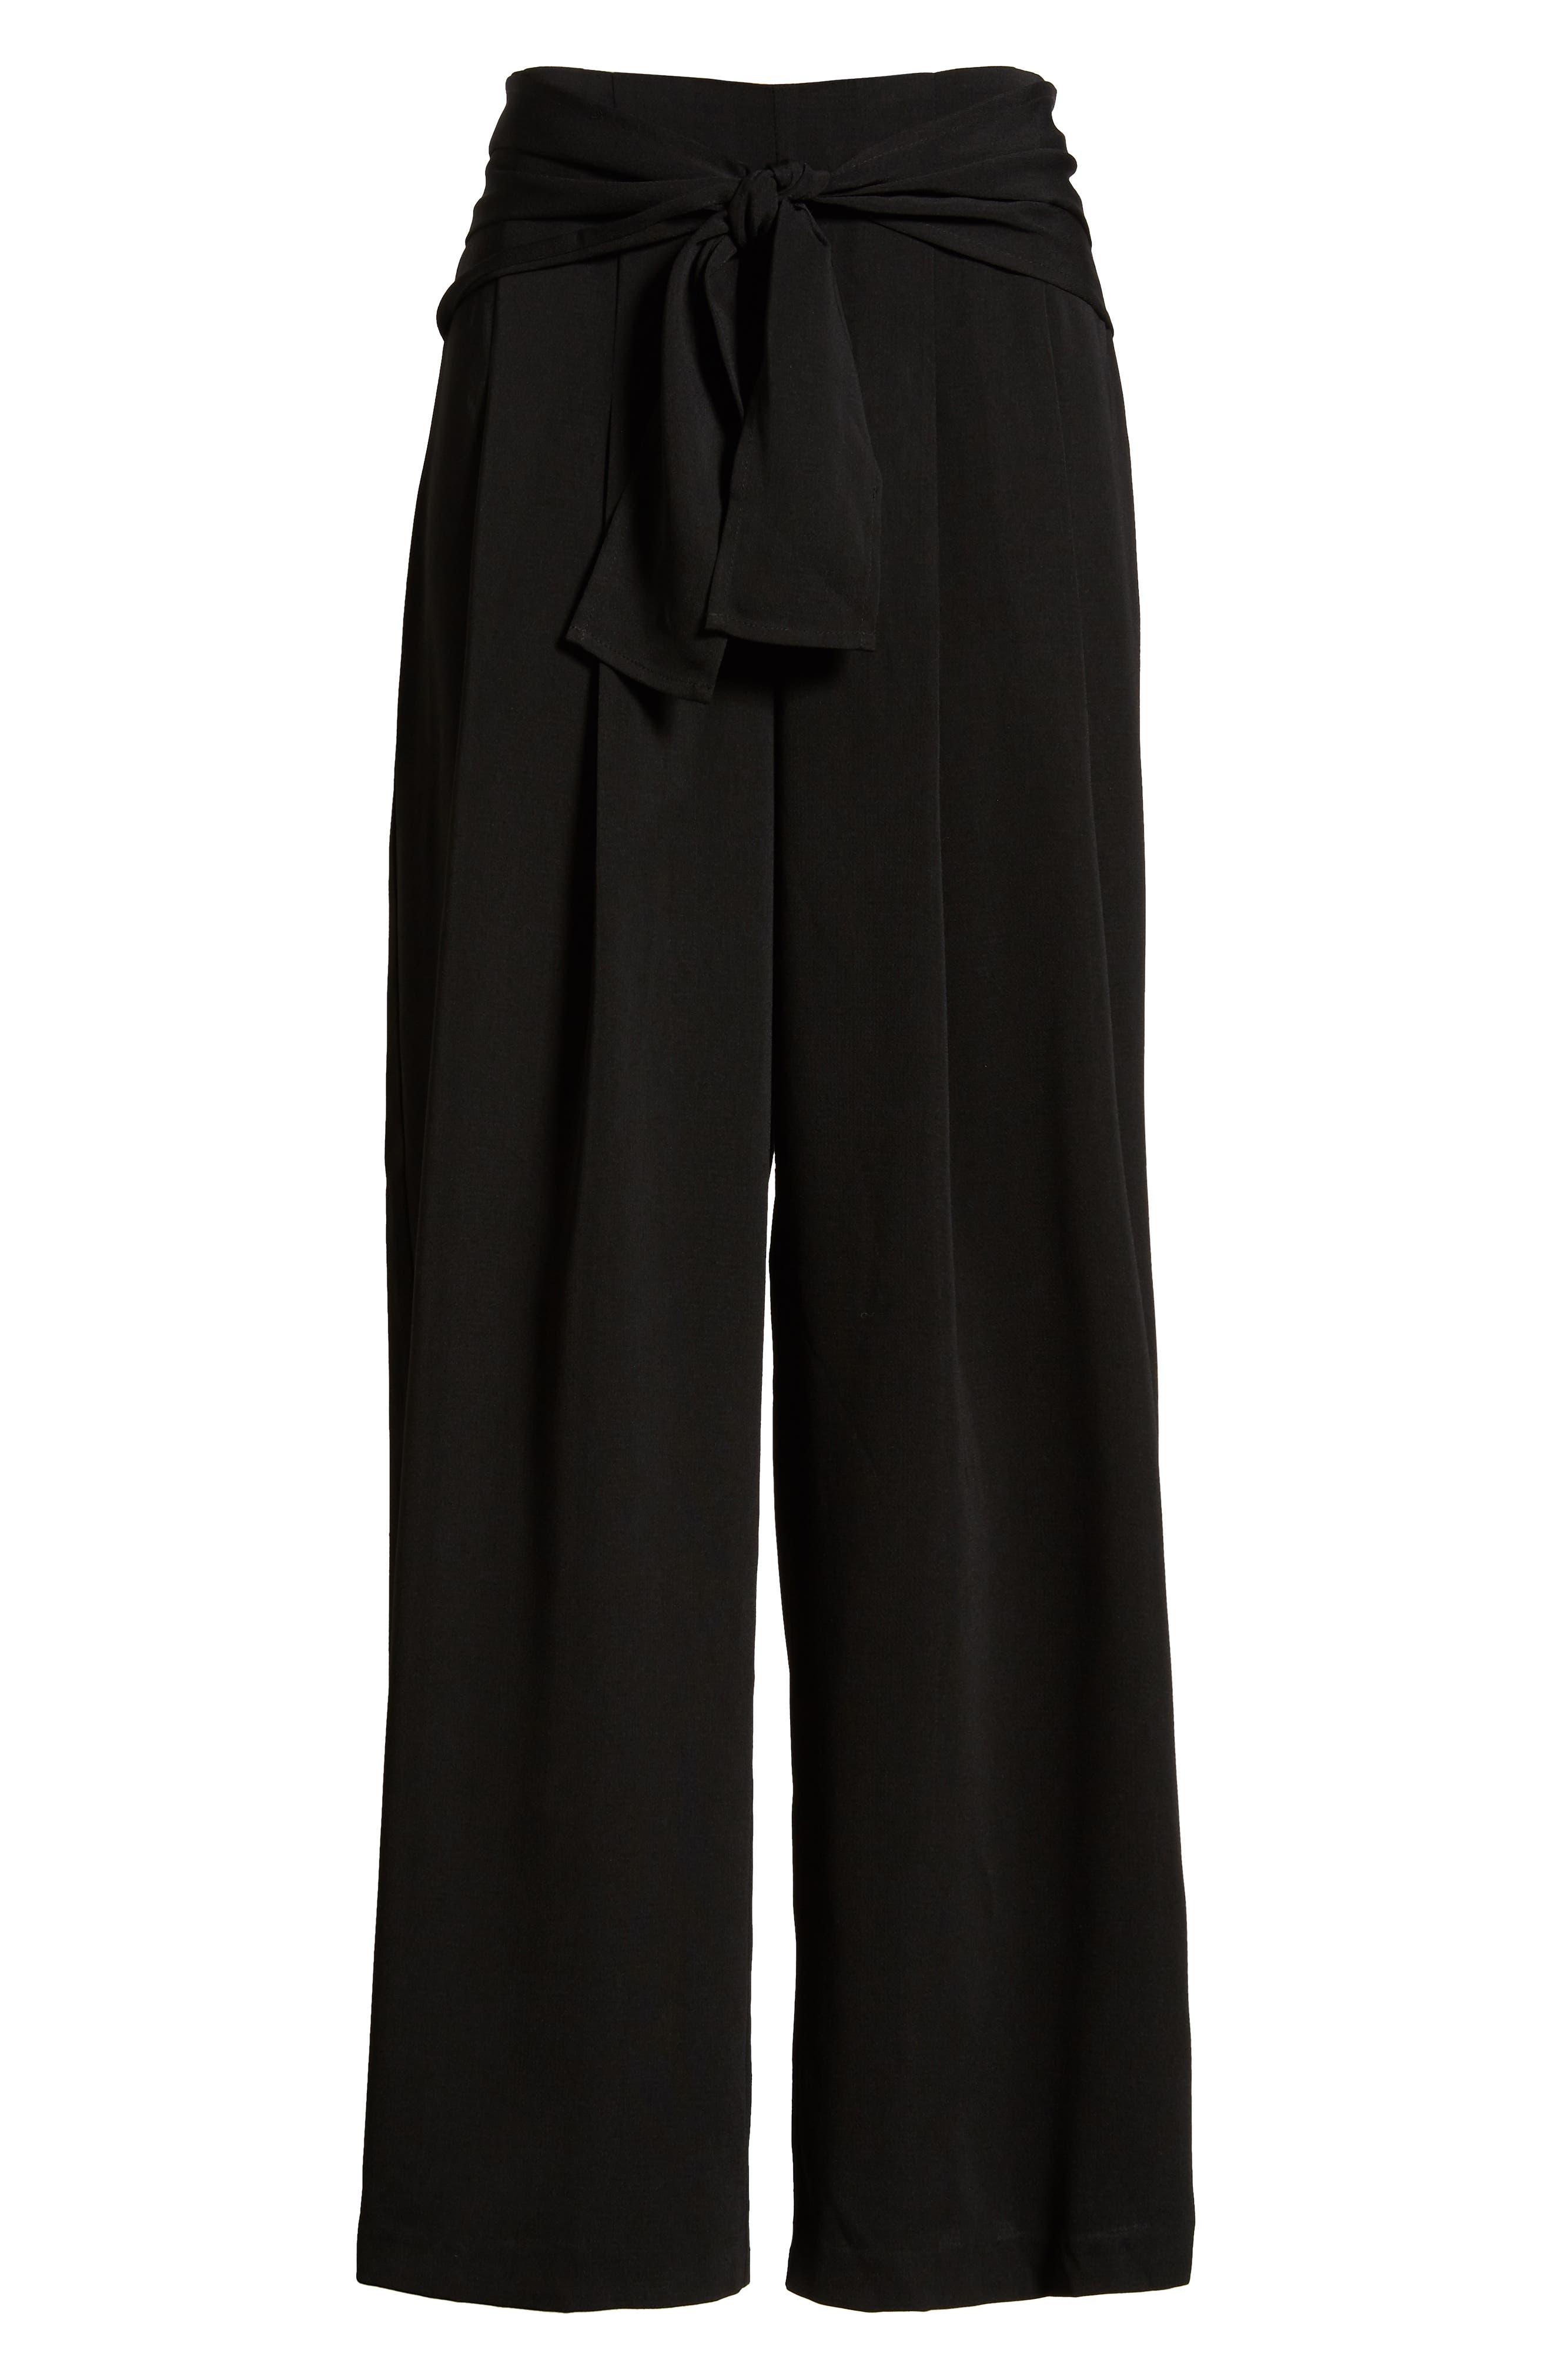 Tie Waist Wide Leg Pants,                             Alternate thumbnail 6, color,                             BLACK